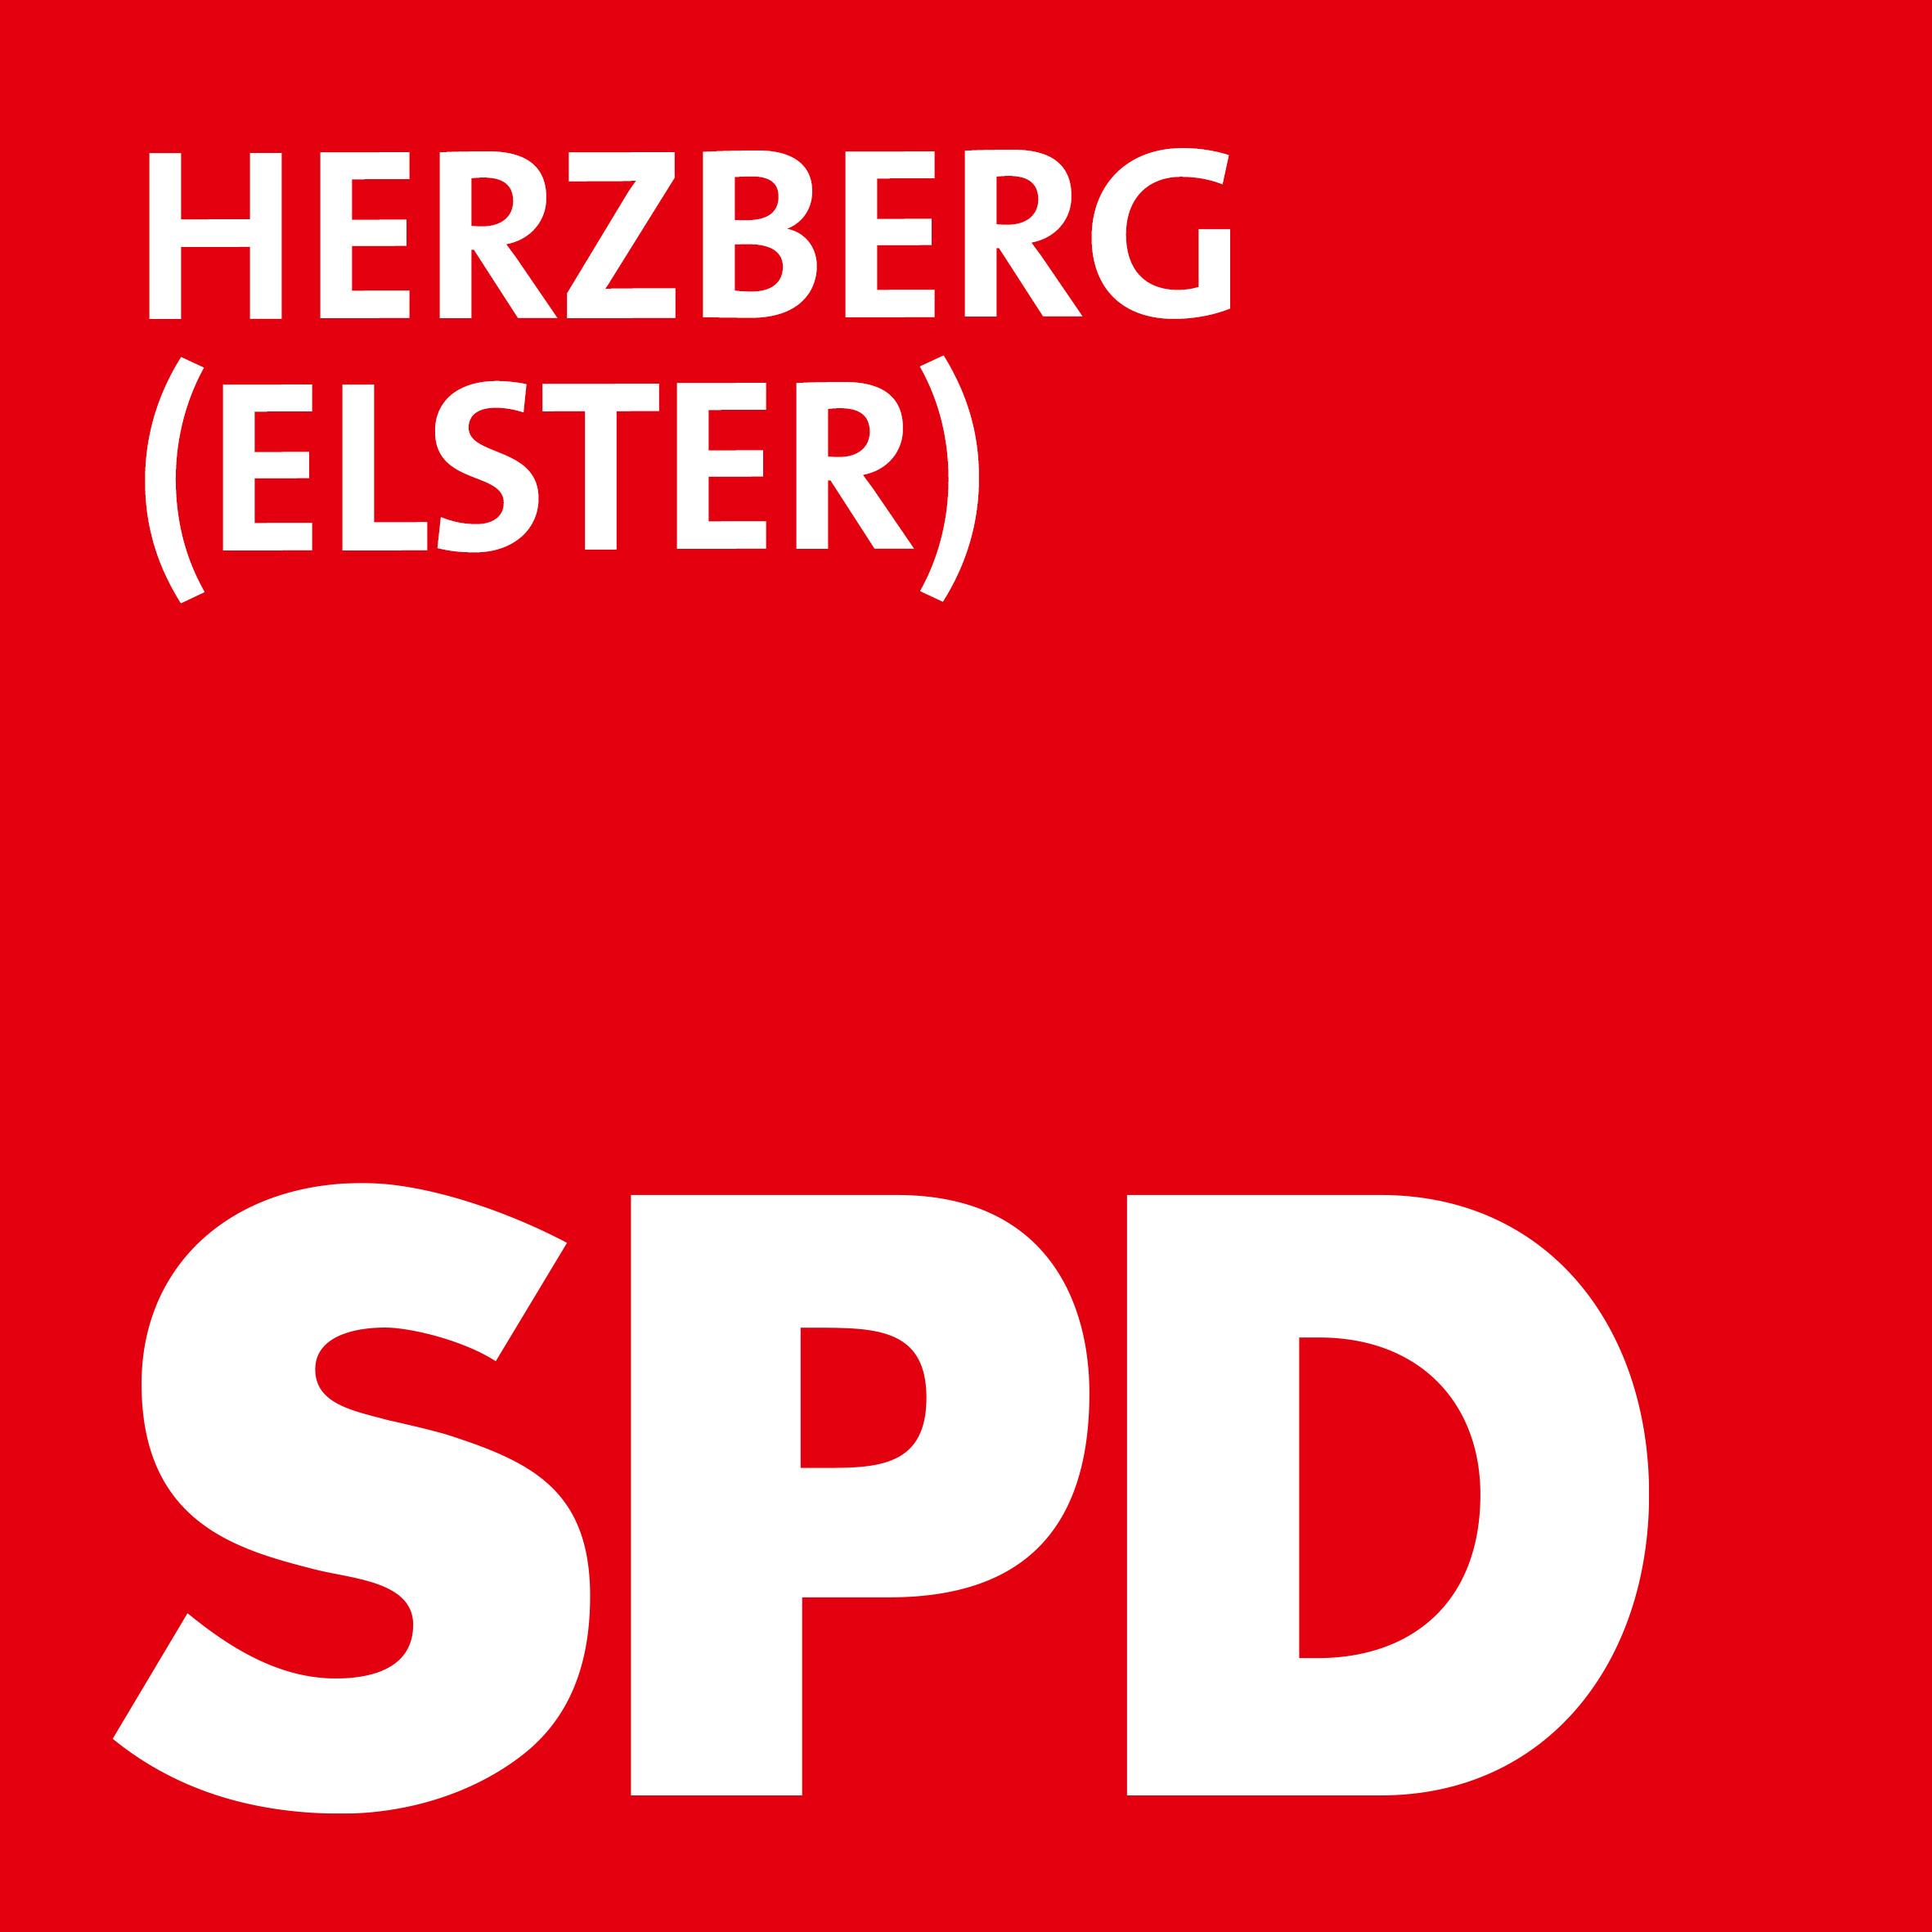 SPD Herzberg (Elster)